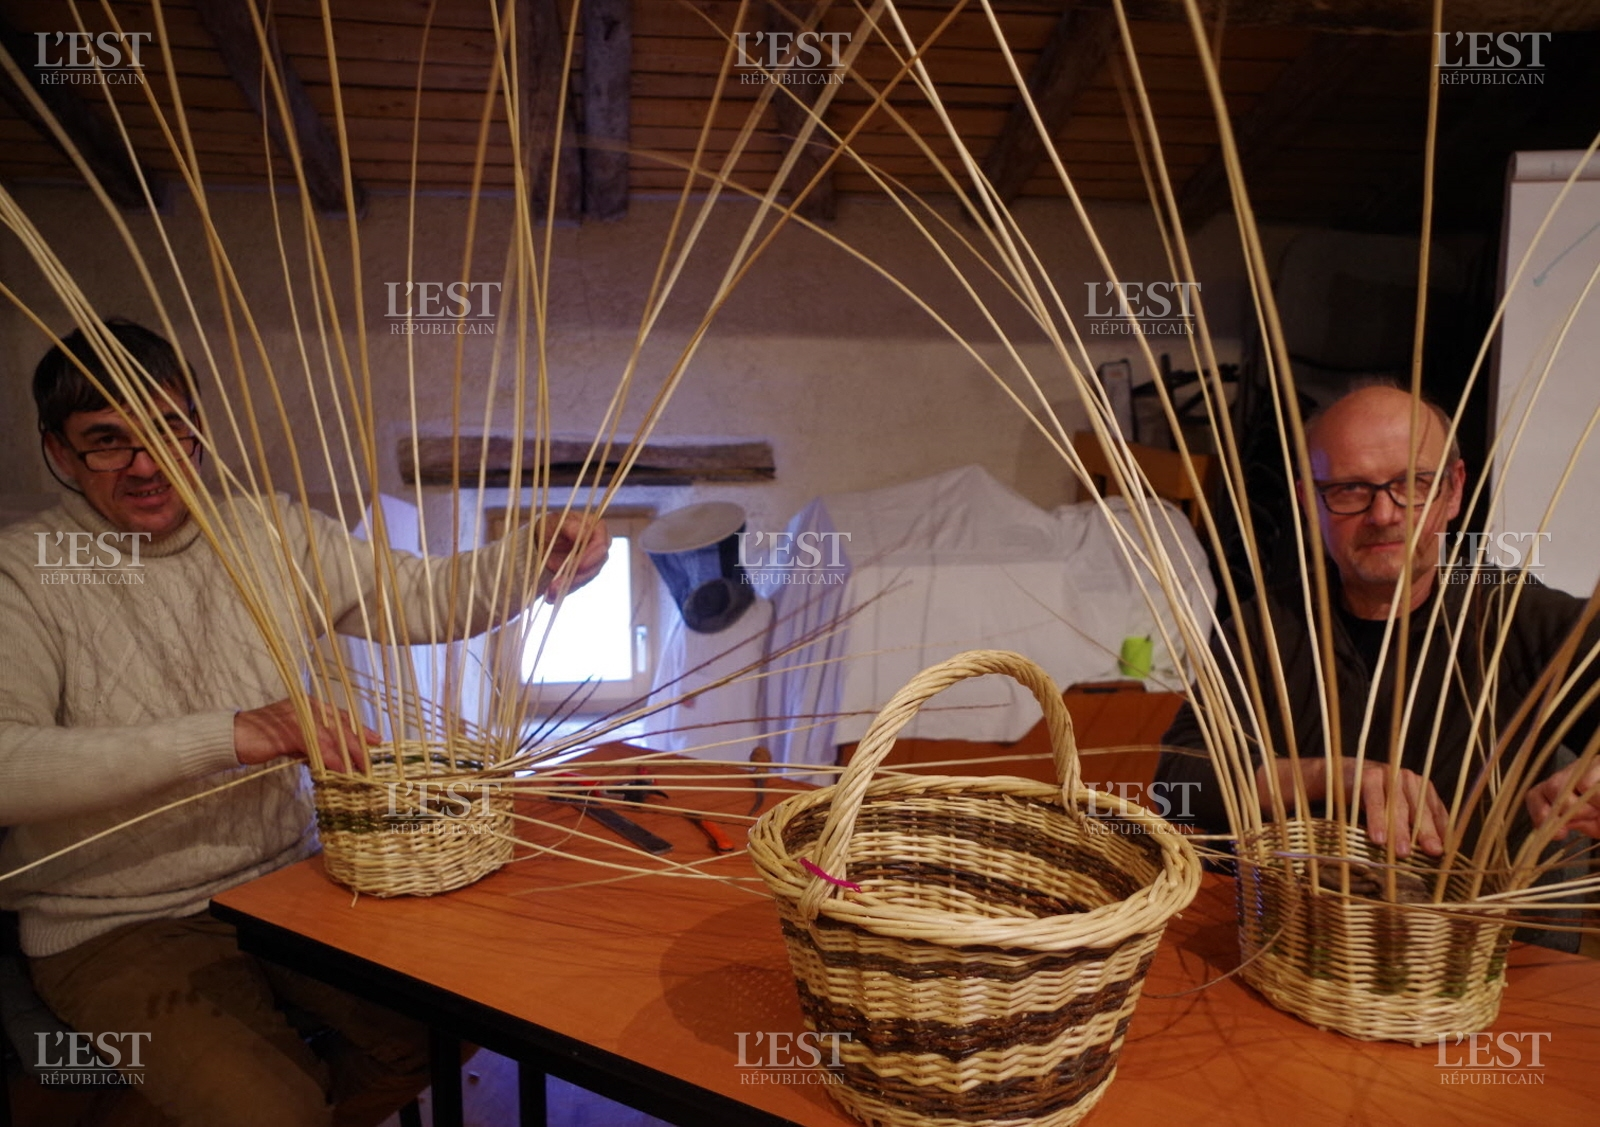 Modele de panier en osier le mariage for Ou trouver des paniers en osier